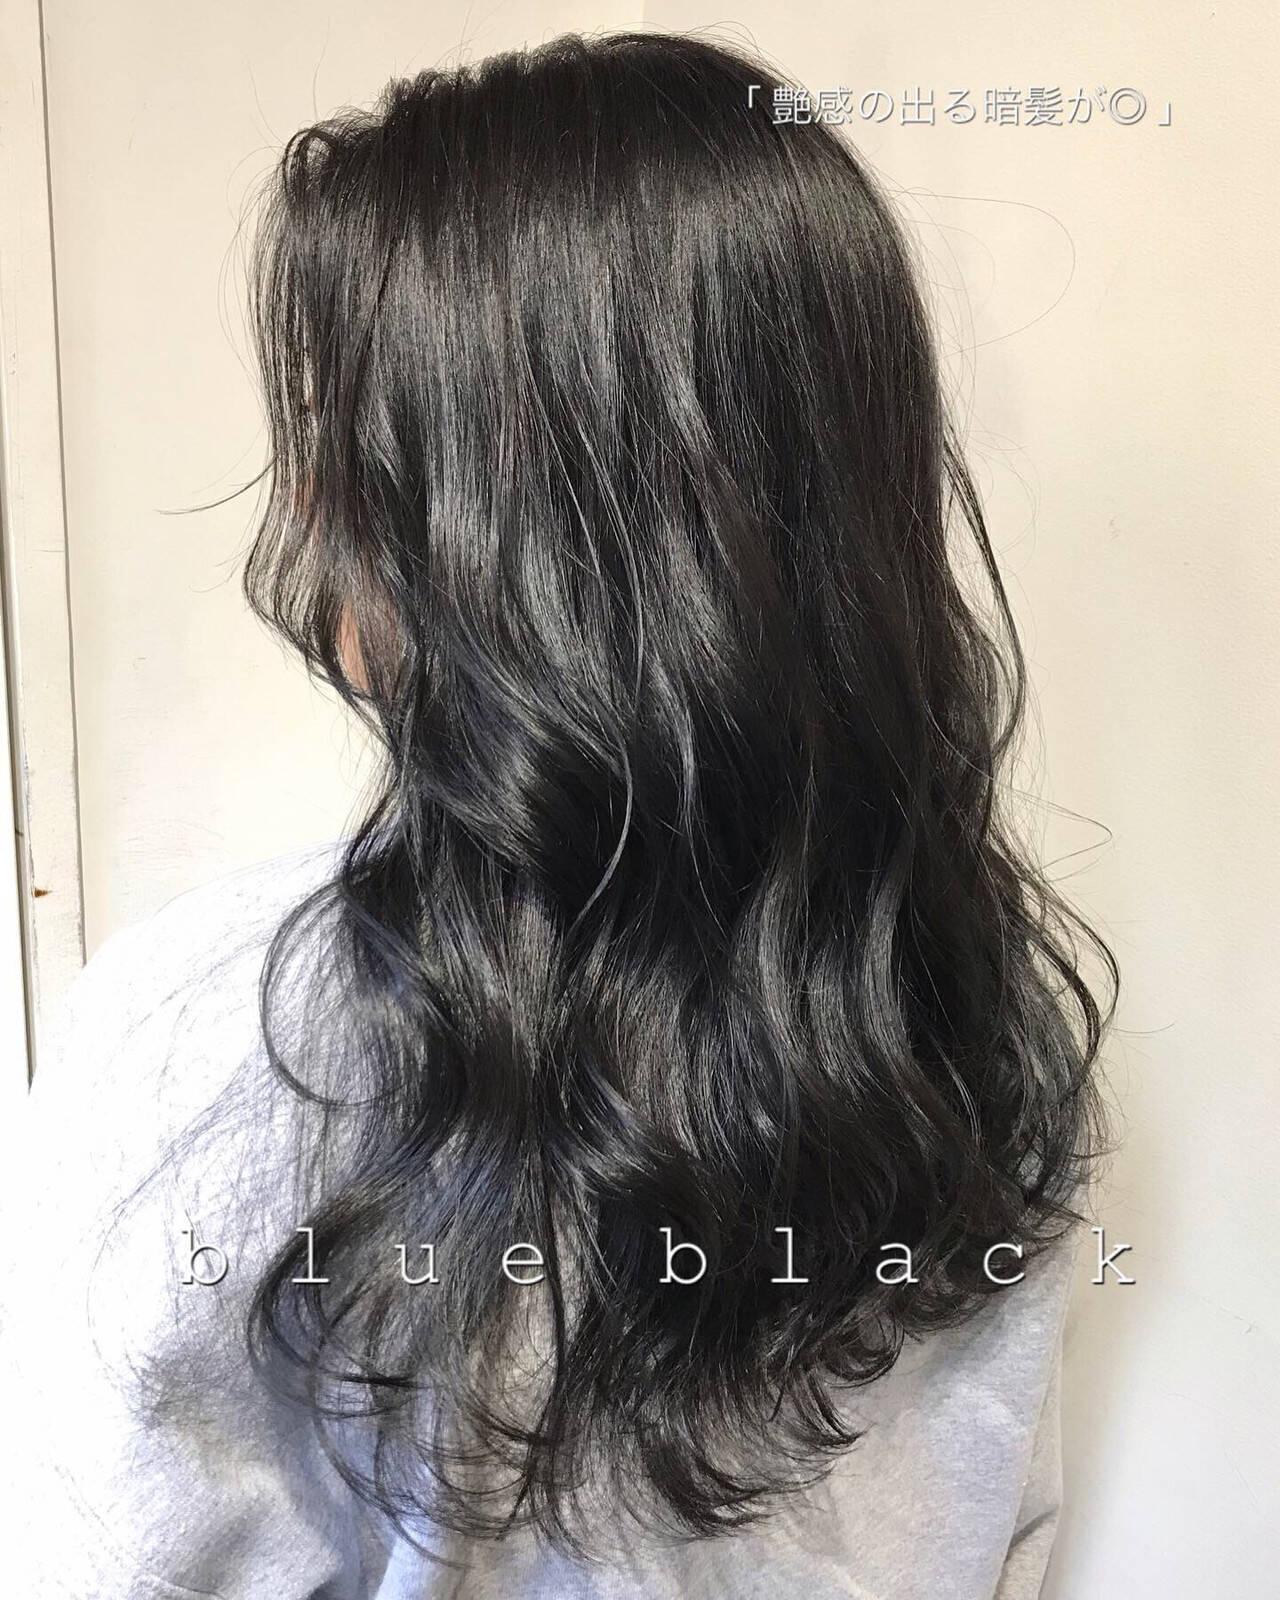 ナチュラル ブルーブラック オフィス グレージュヘアスタイルや髪型の写真・画像